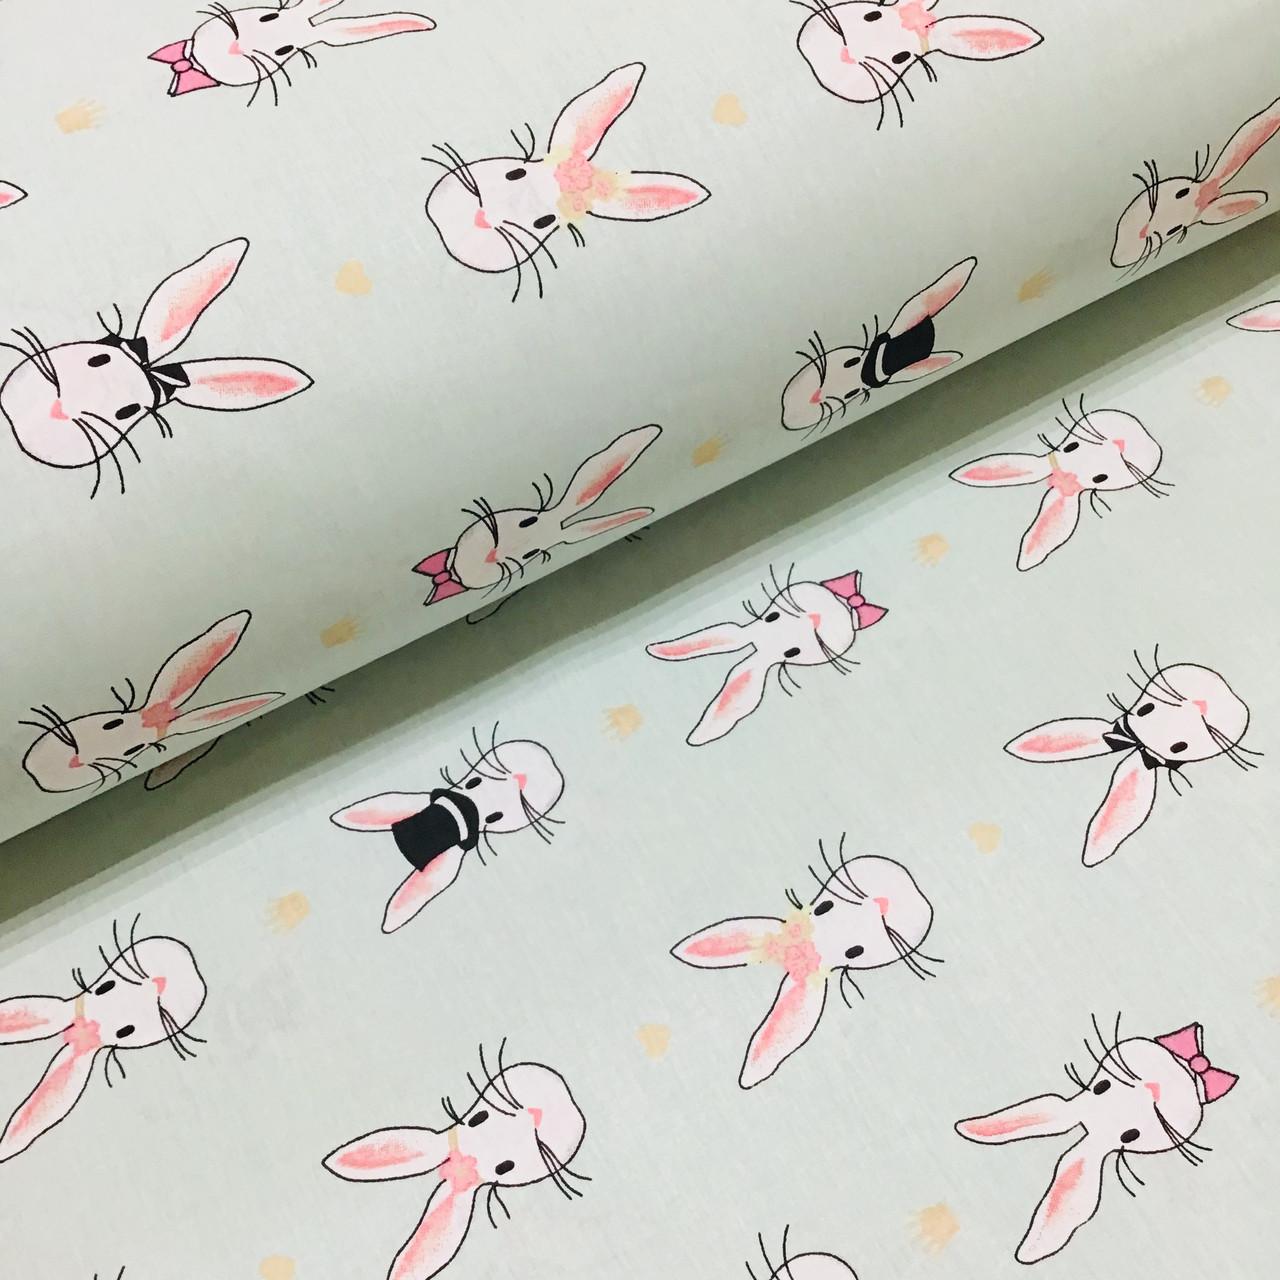 Ткань поплин зайцы с коронами и сердечками на мятном (ТУРЦИЯ шир. 2,4 м) №33-147